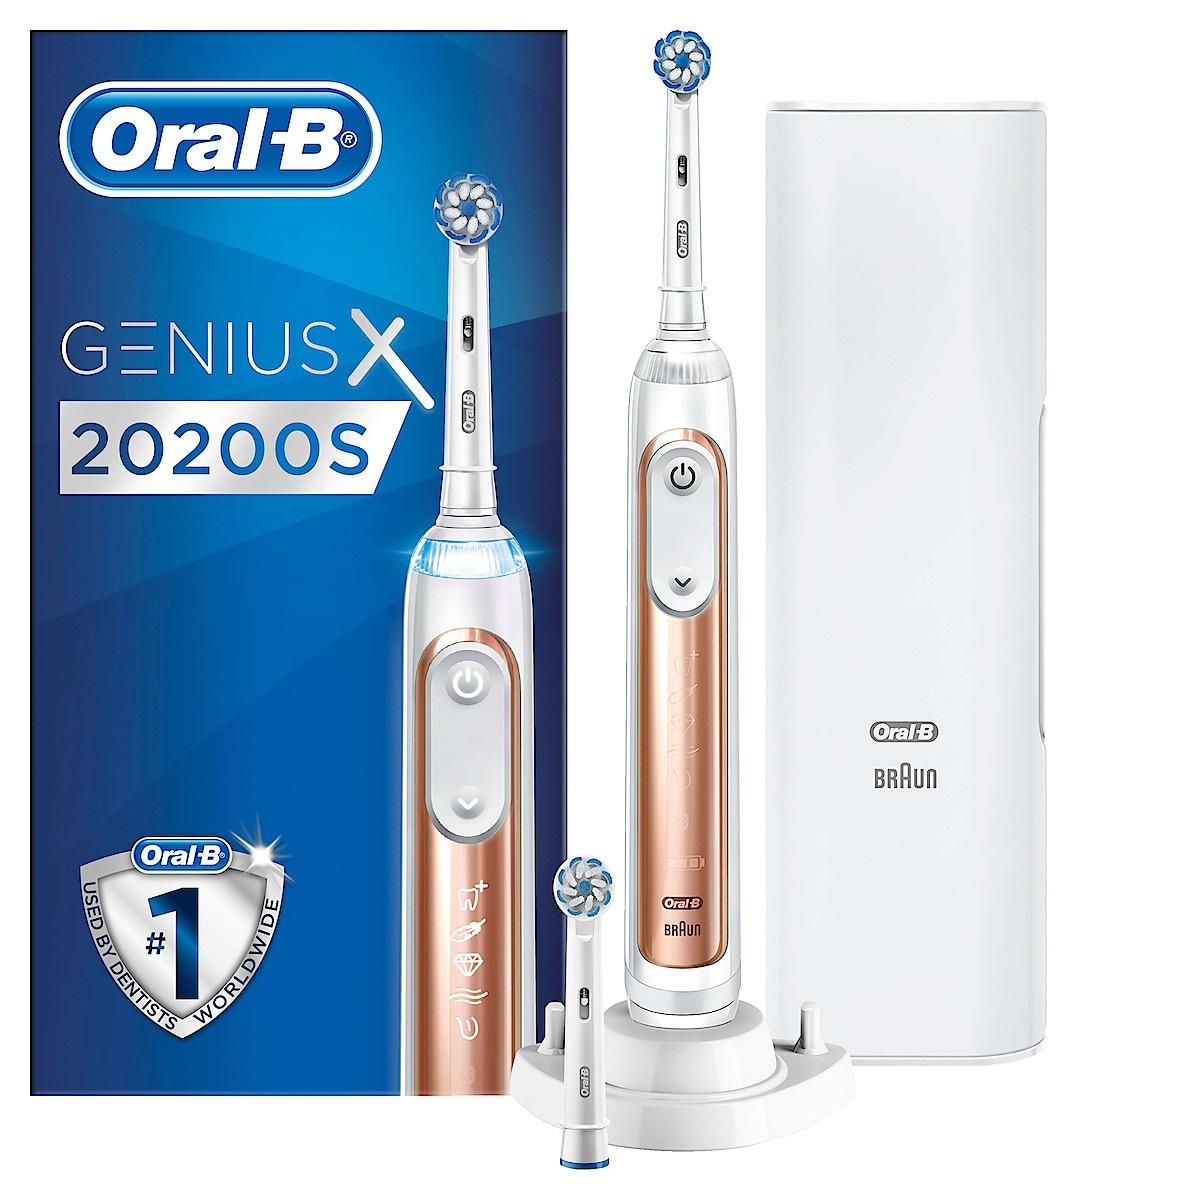 Oral-B Genius X 20200S, Rose Gull Eltannbørste